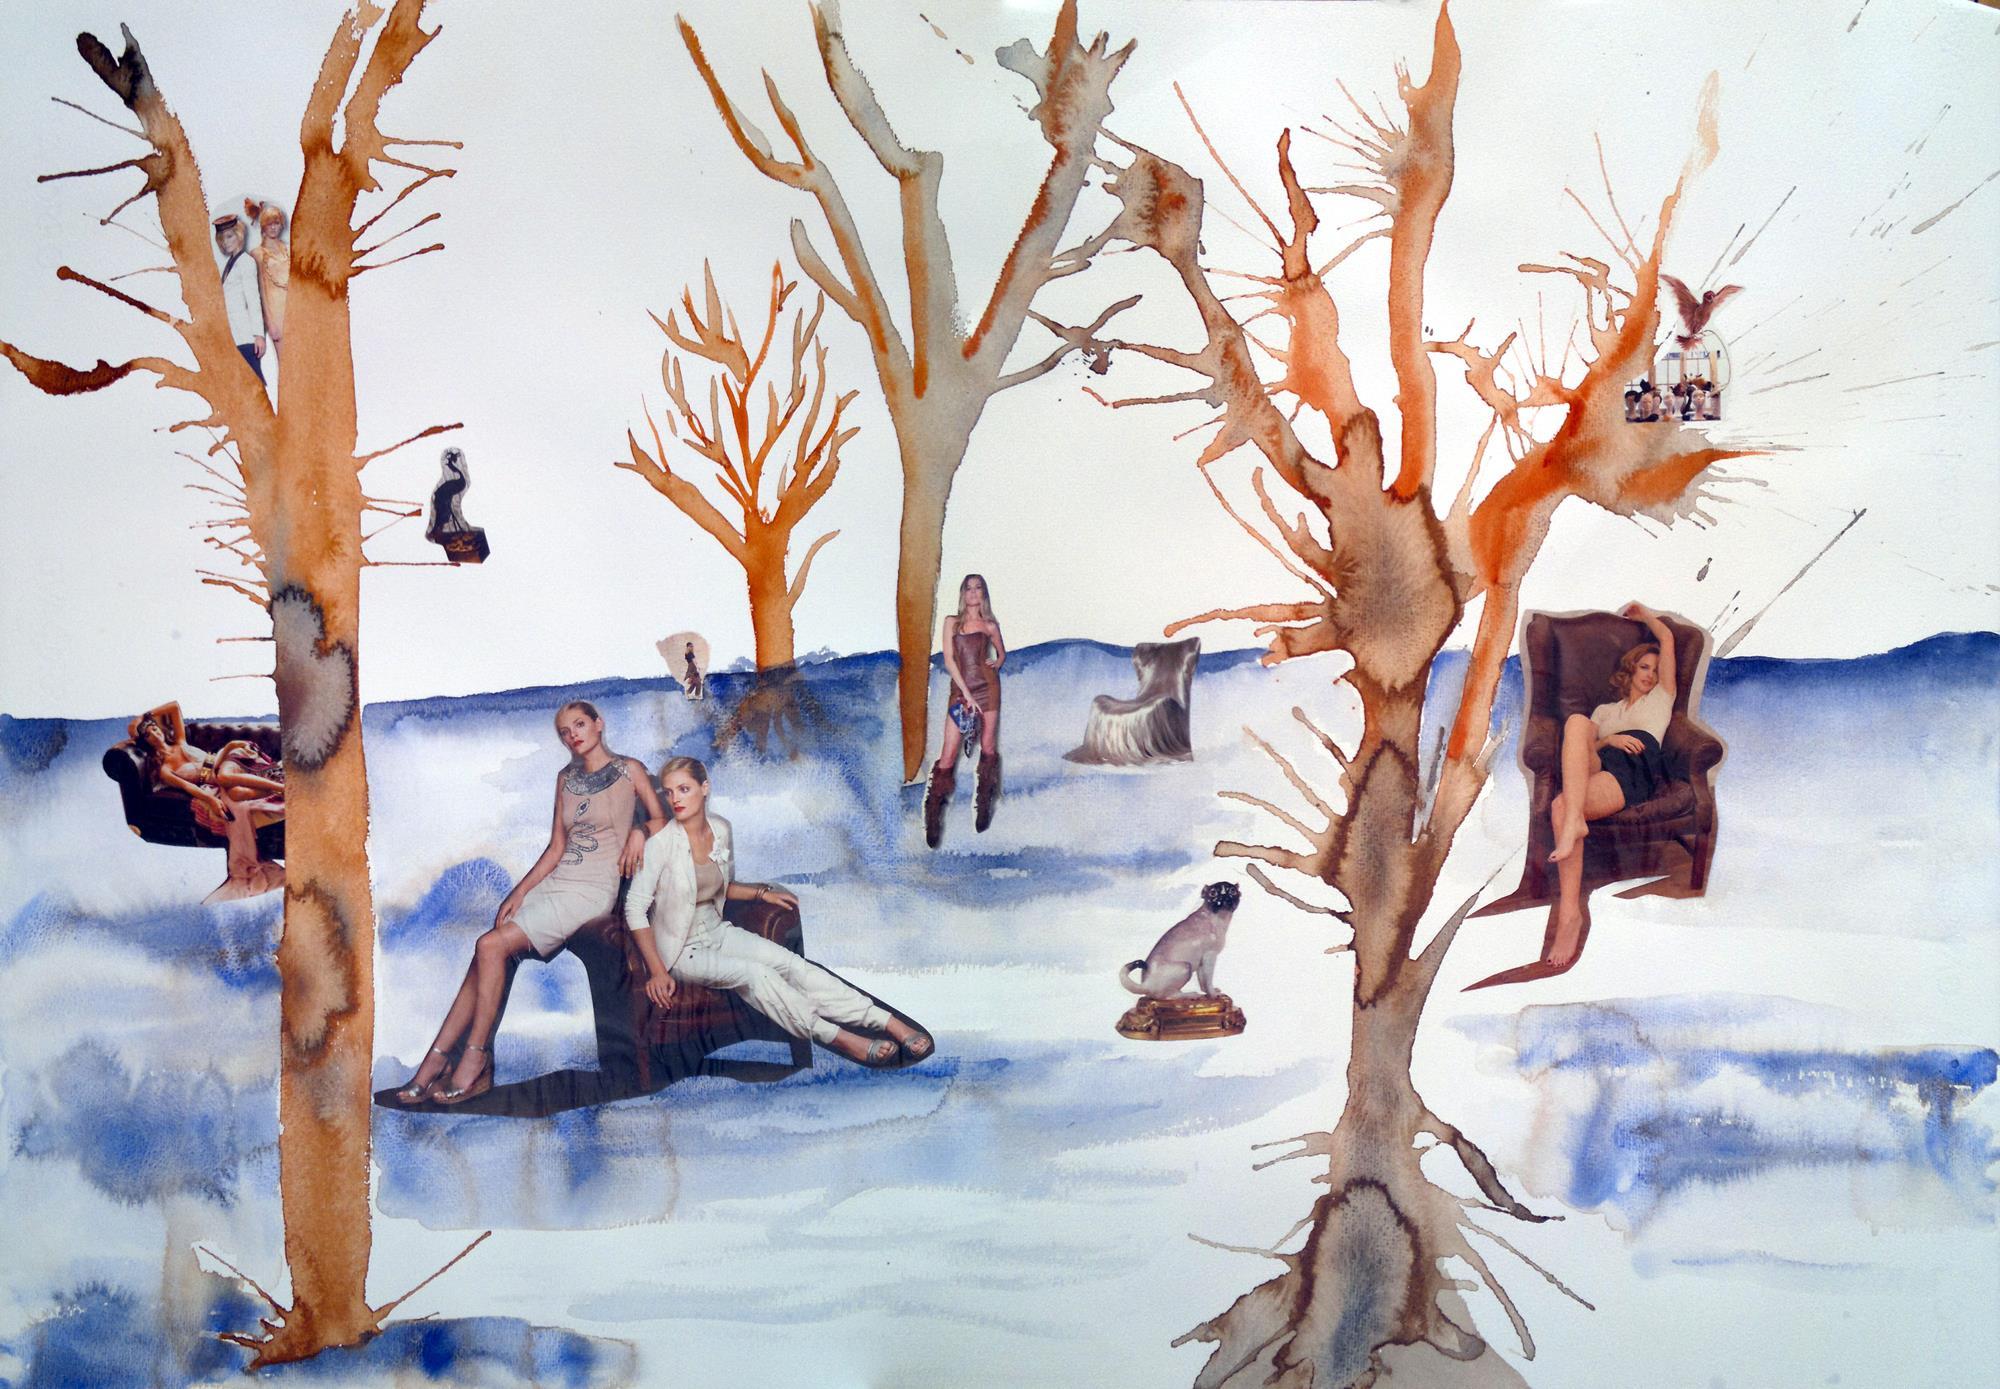 collage de acuarela soplada, paisaje de invierno y mujeres del vogue de invierno con ropa que no abriga